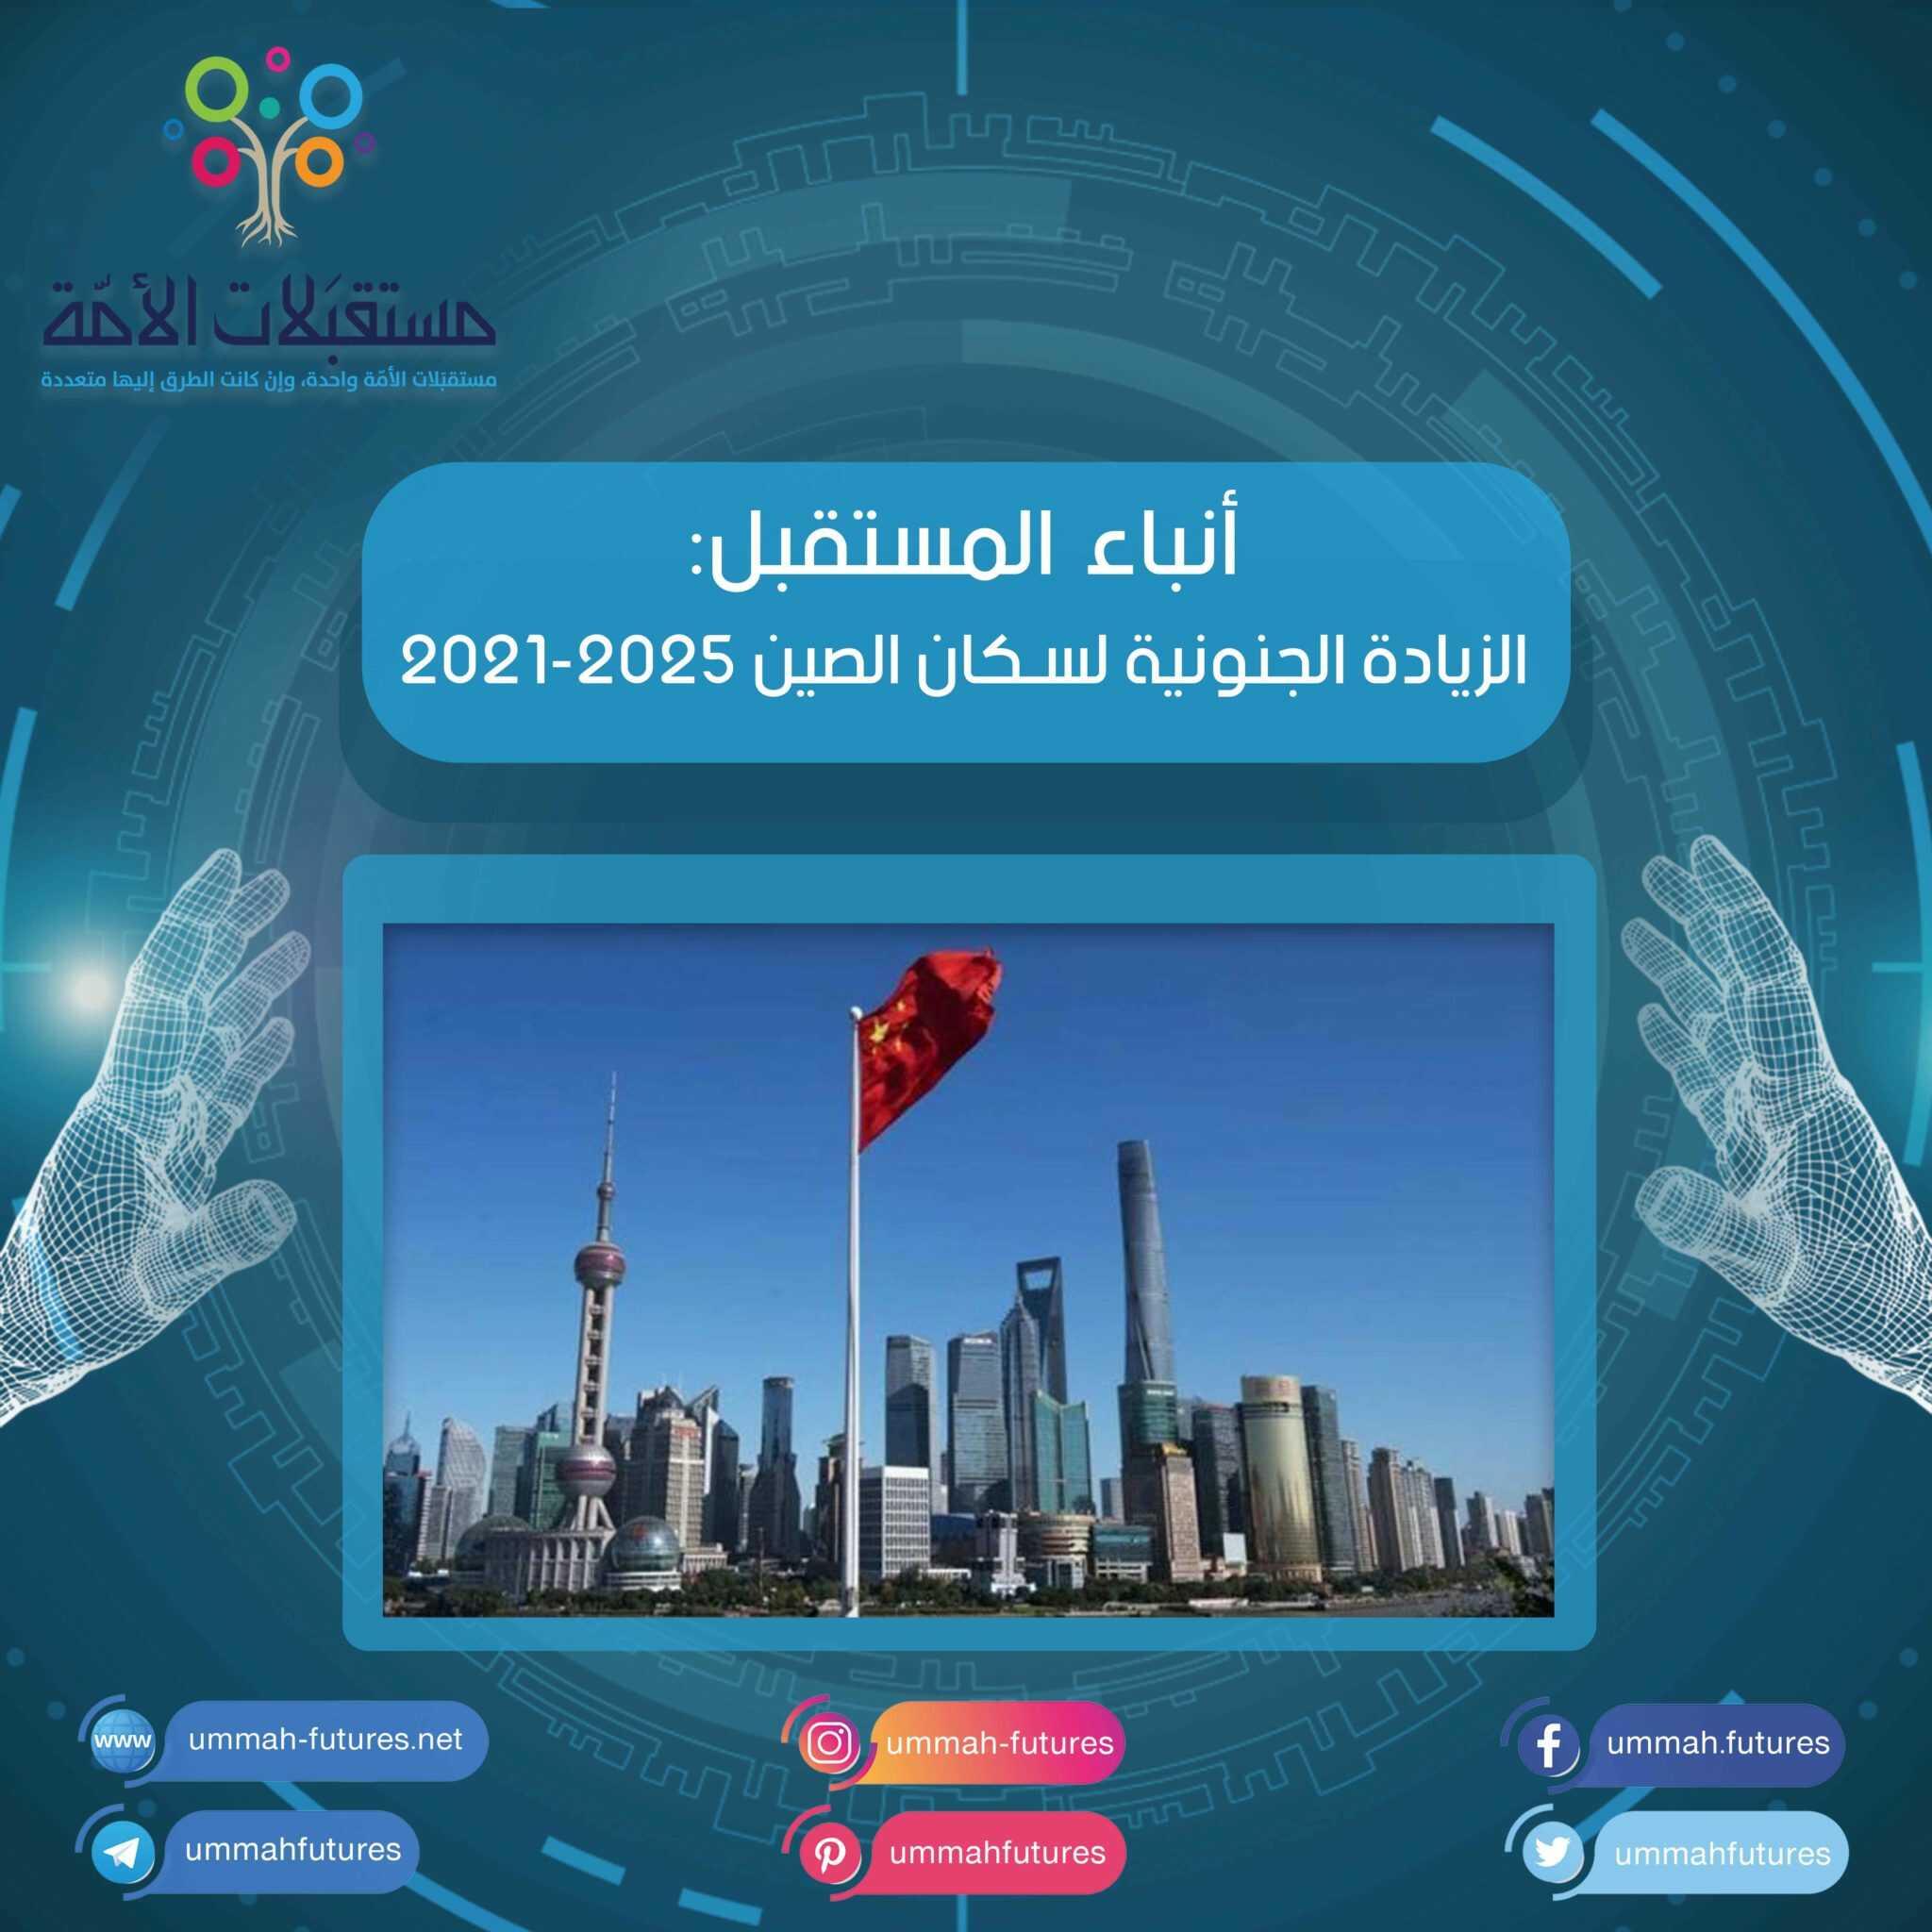 أنباء المستقبل: الزيادة الجنونية لسكان الصين 2021-2025